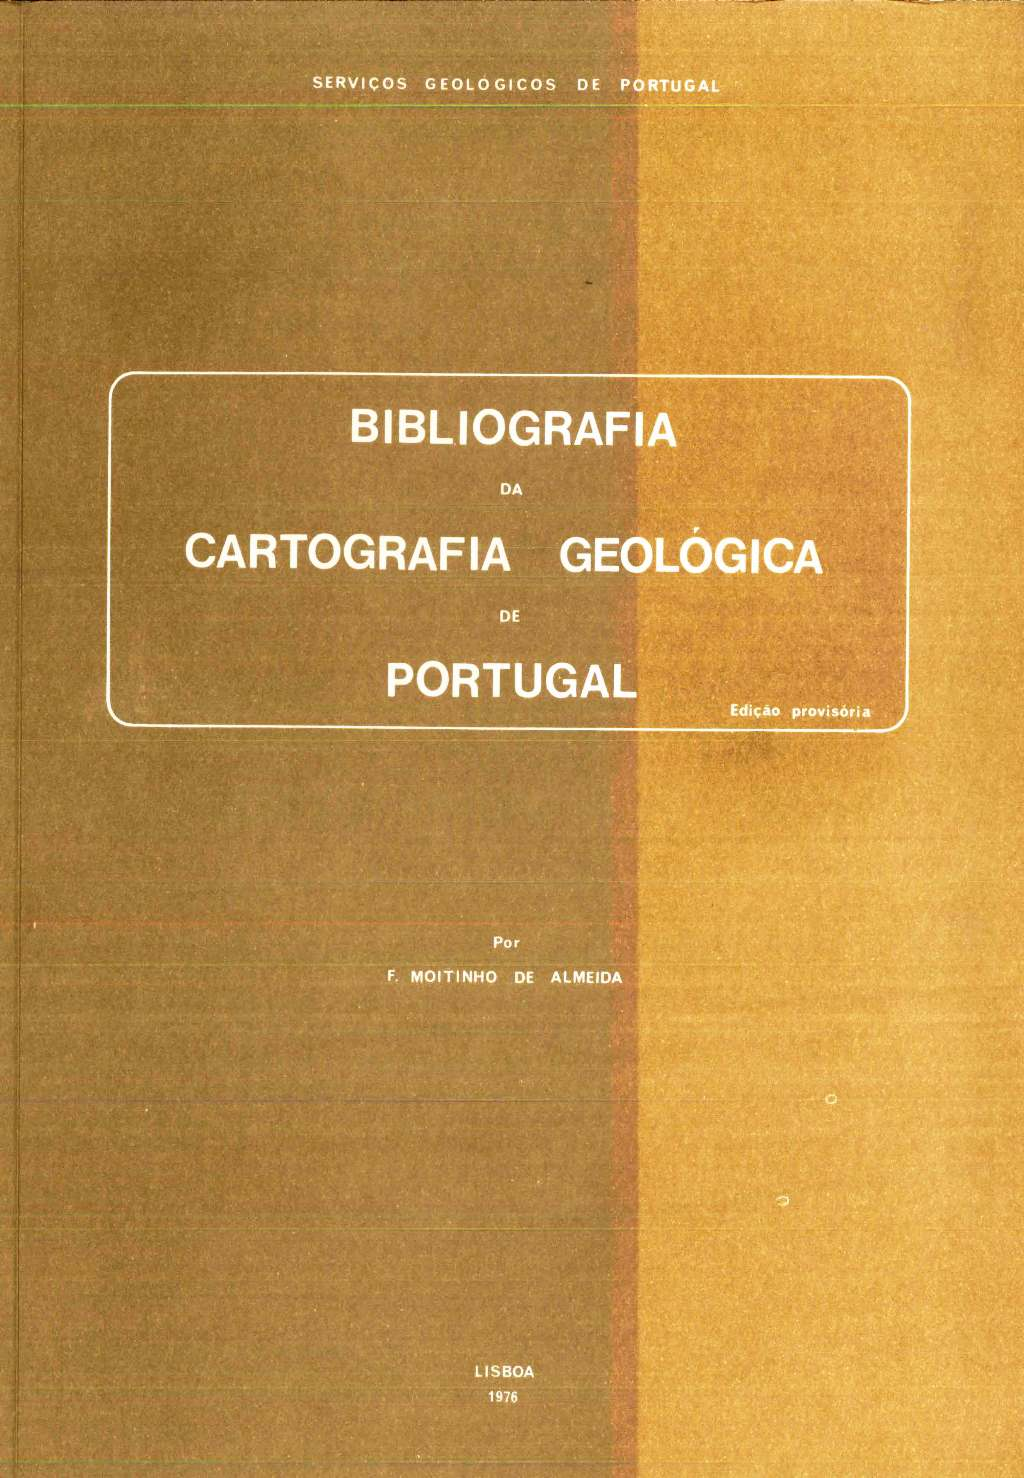 Bibliografia da Cartografia Geológica de Portugal